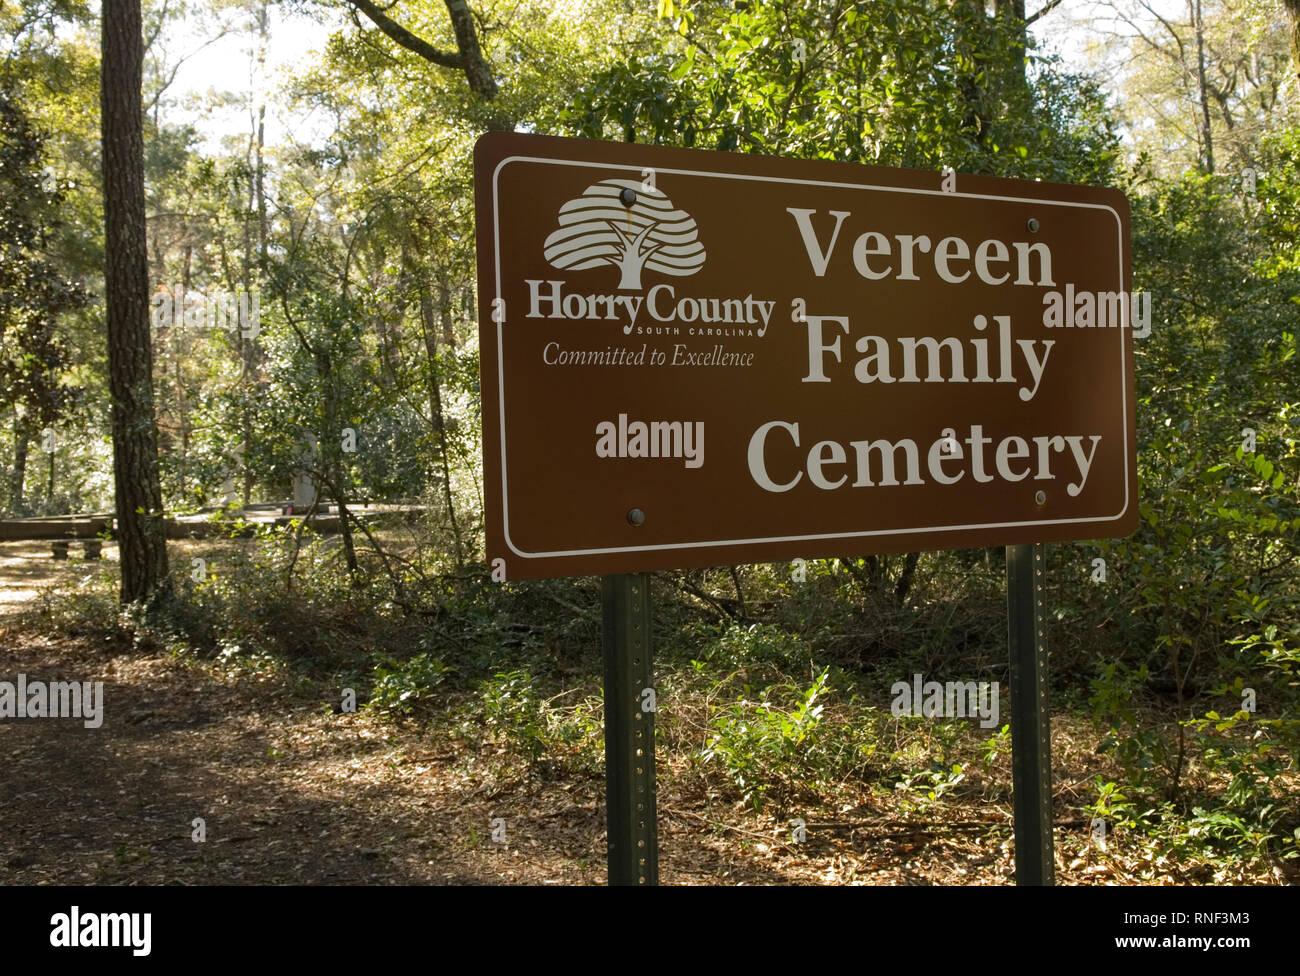 Vereen Memorial Historical Gardens Little River, South Carolina USA. - Stock Image